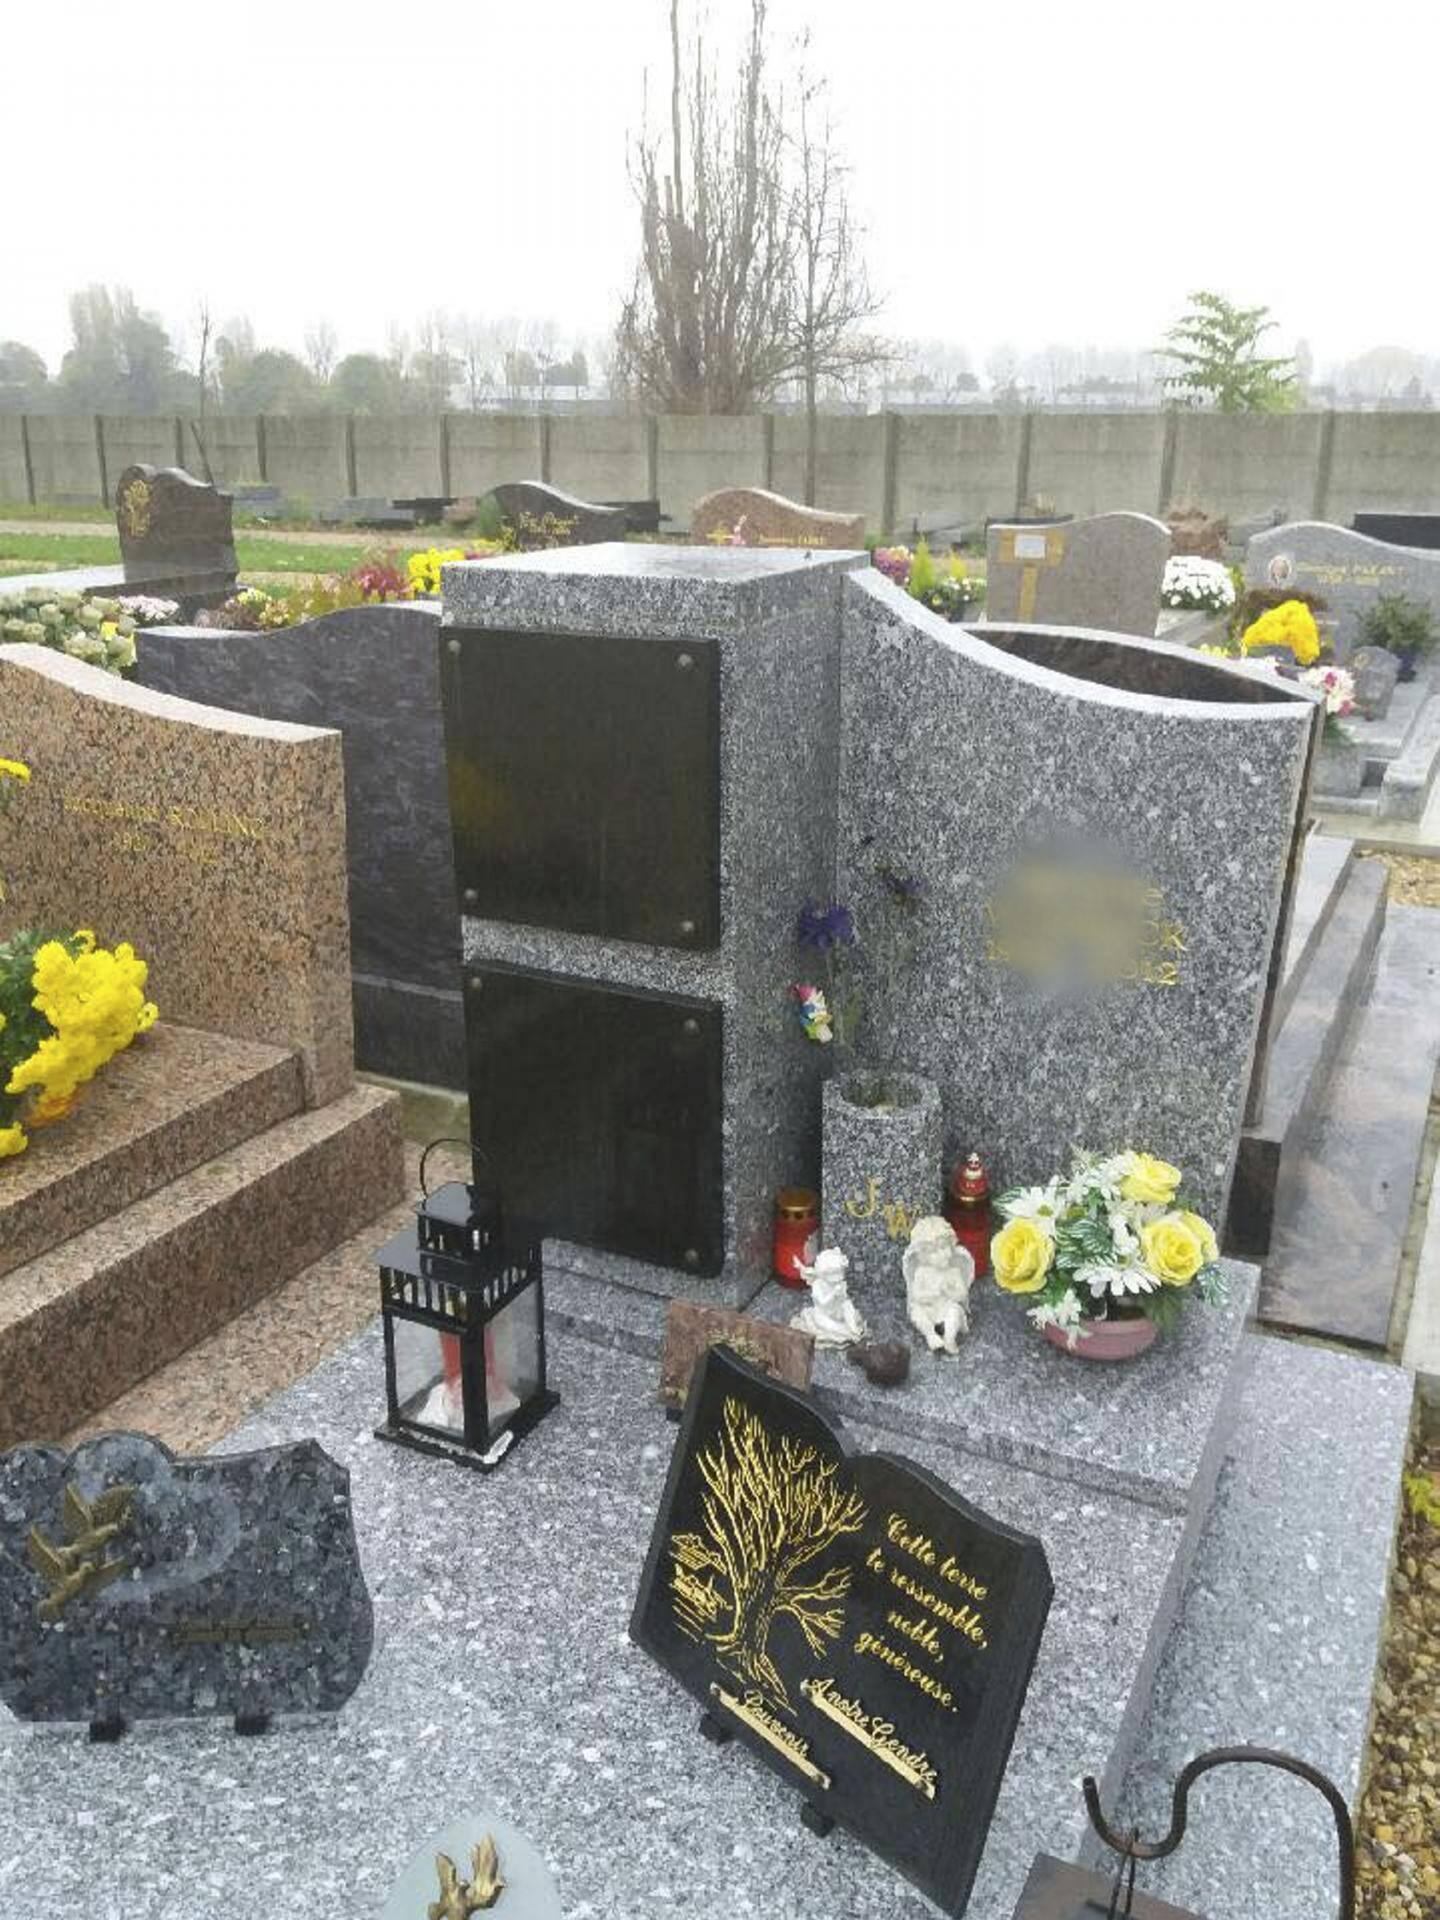 Les monuments funéraires mixtes permettent d'accueillir à la fois des urnes cinéraires (verticalement) et des cercueils (sous la dalle horizontale).  (DR)